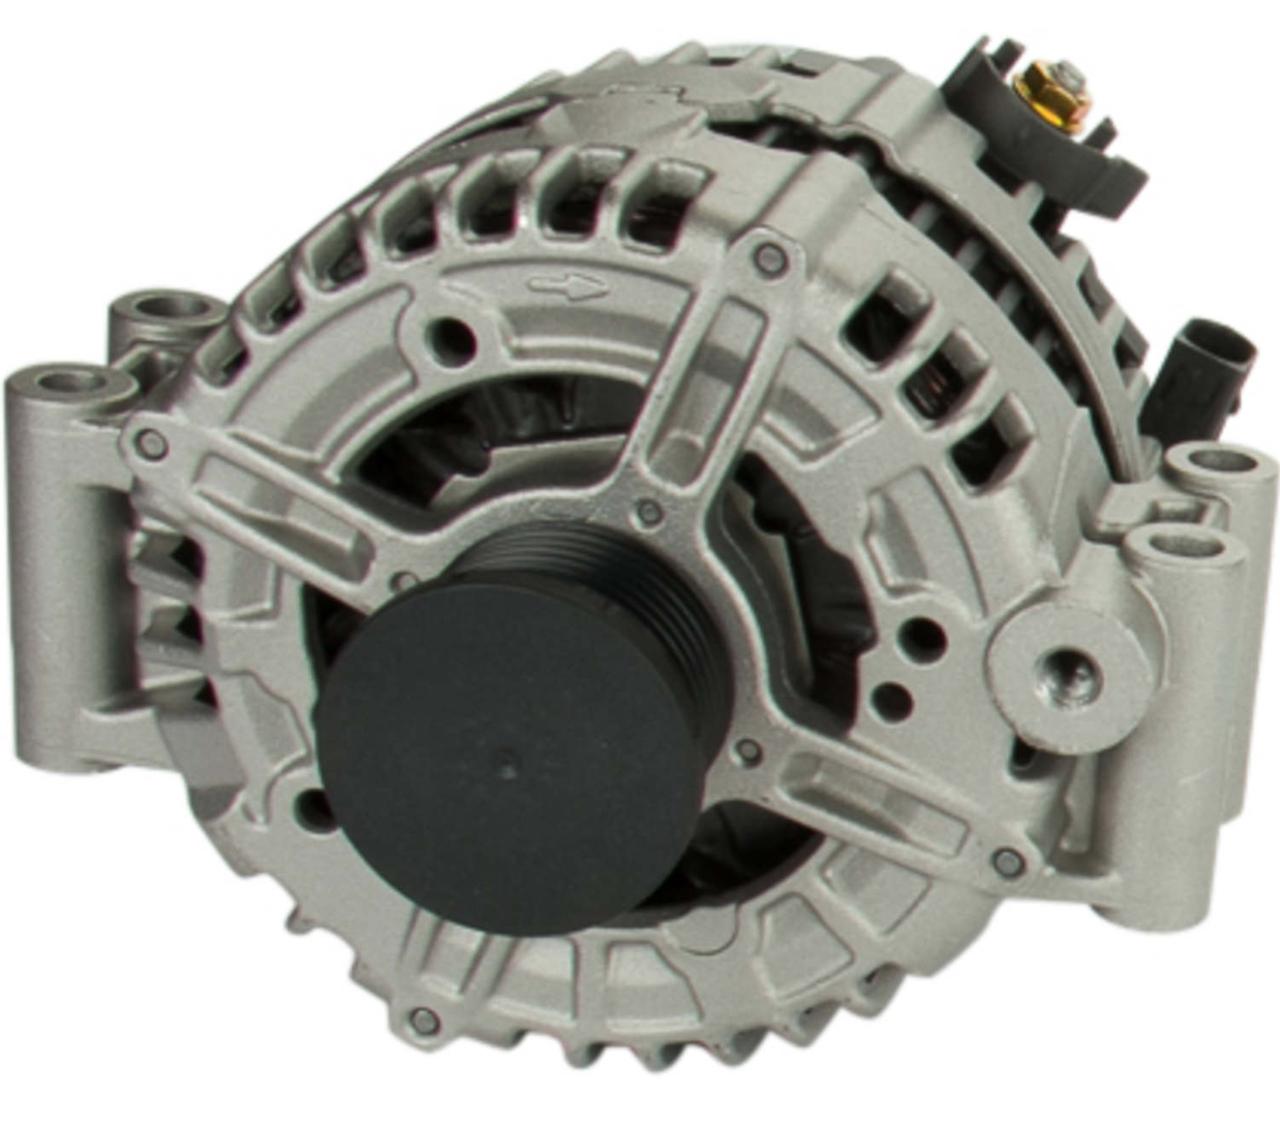 2003 bmw 325xi alternator